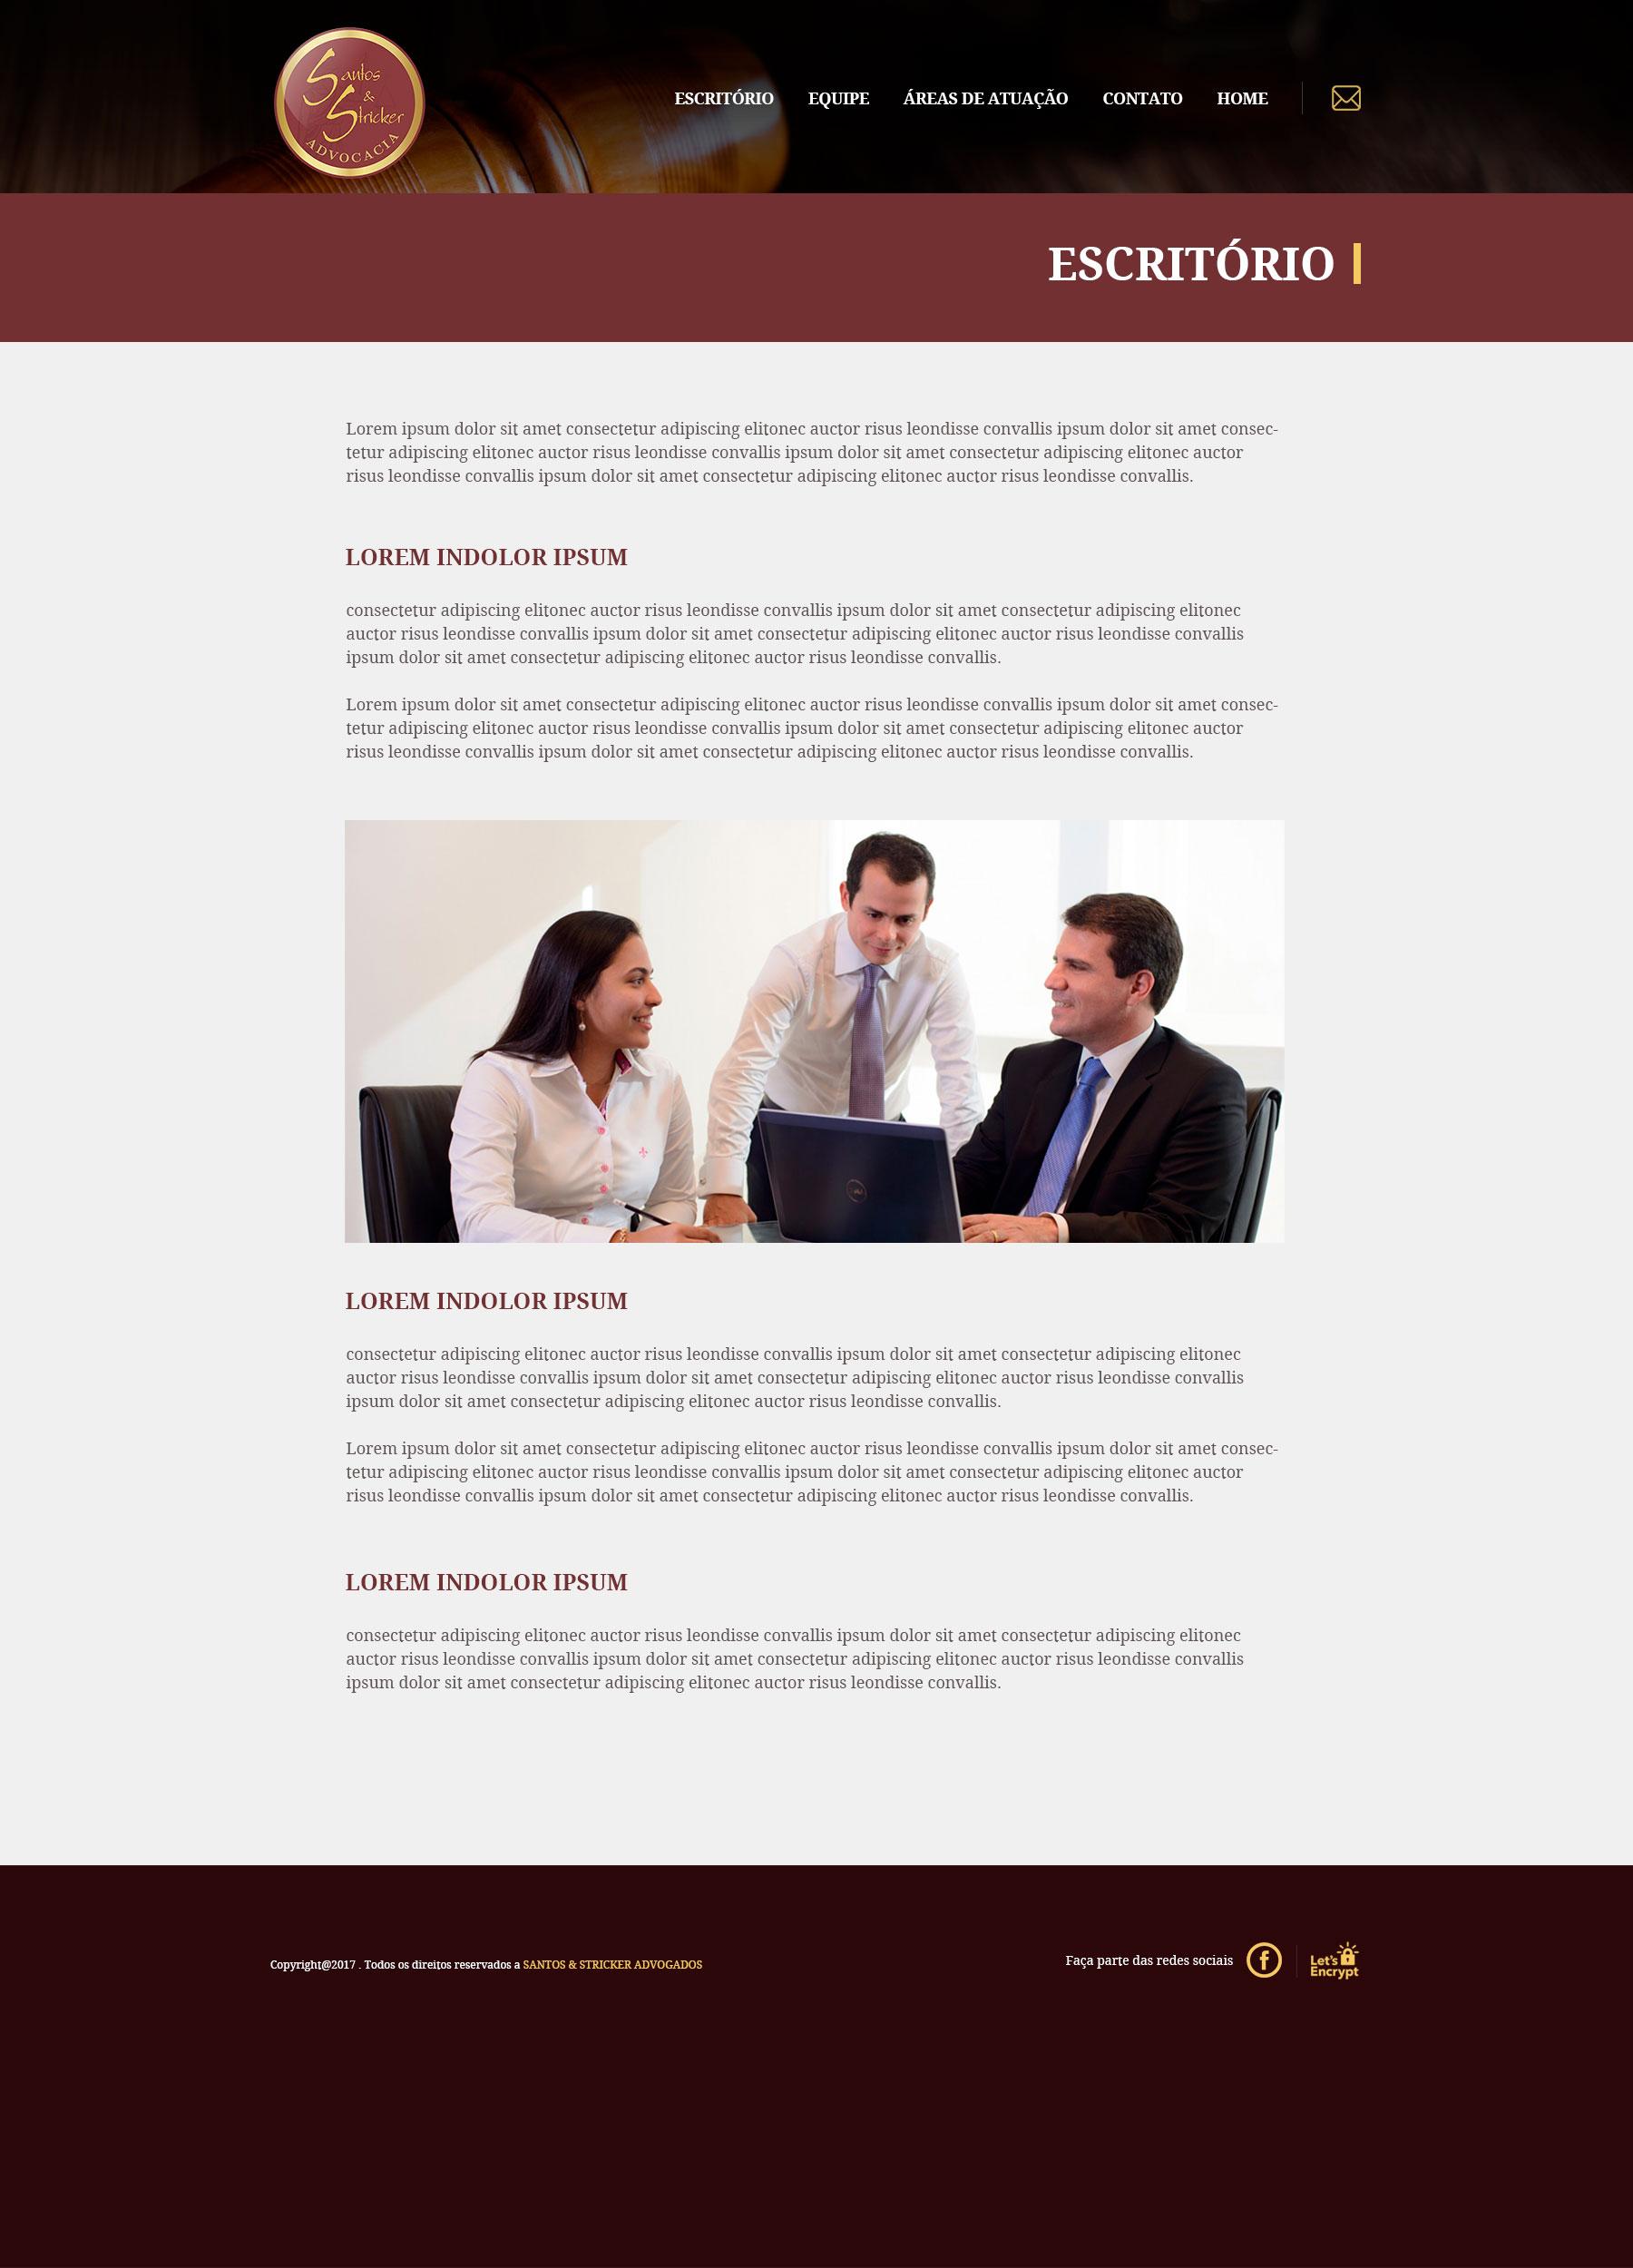 Santos e Stricker Advocacia - Site Internas